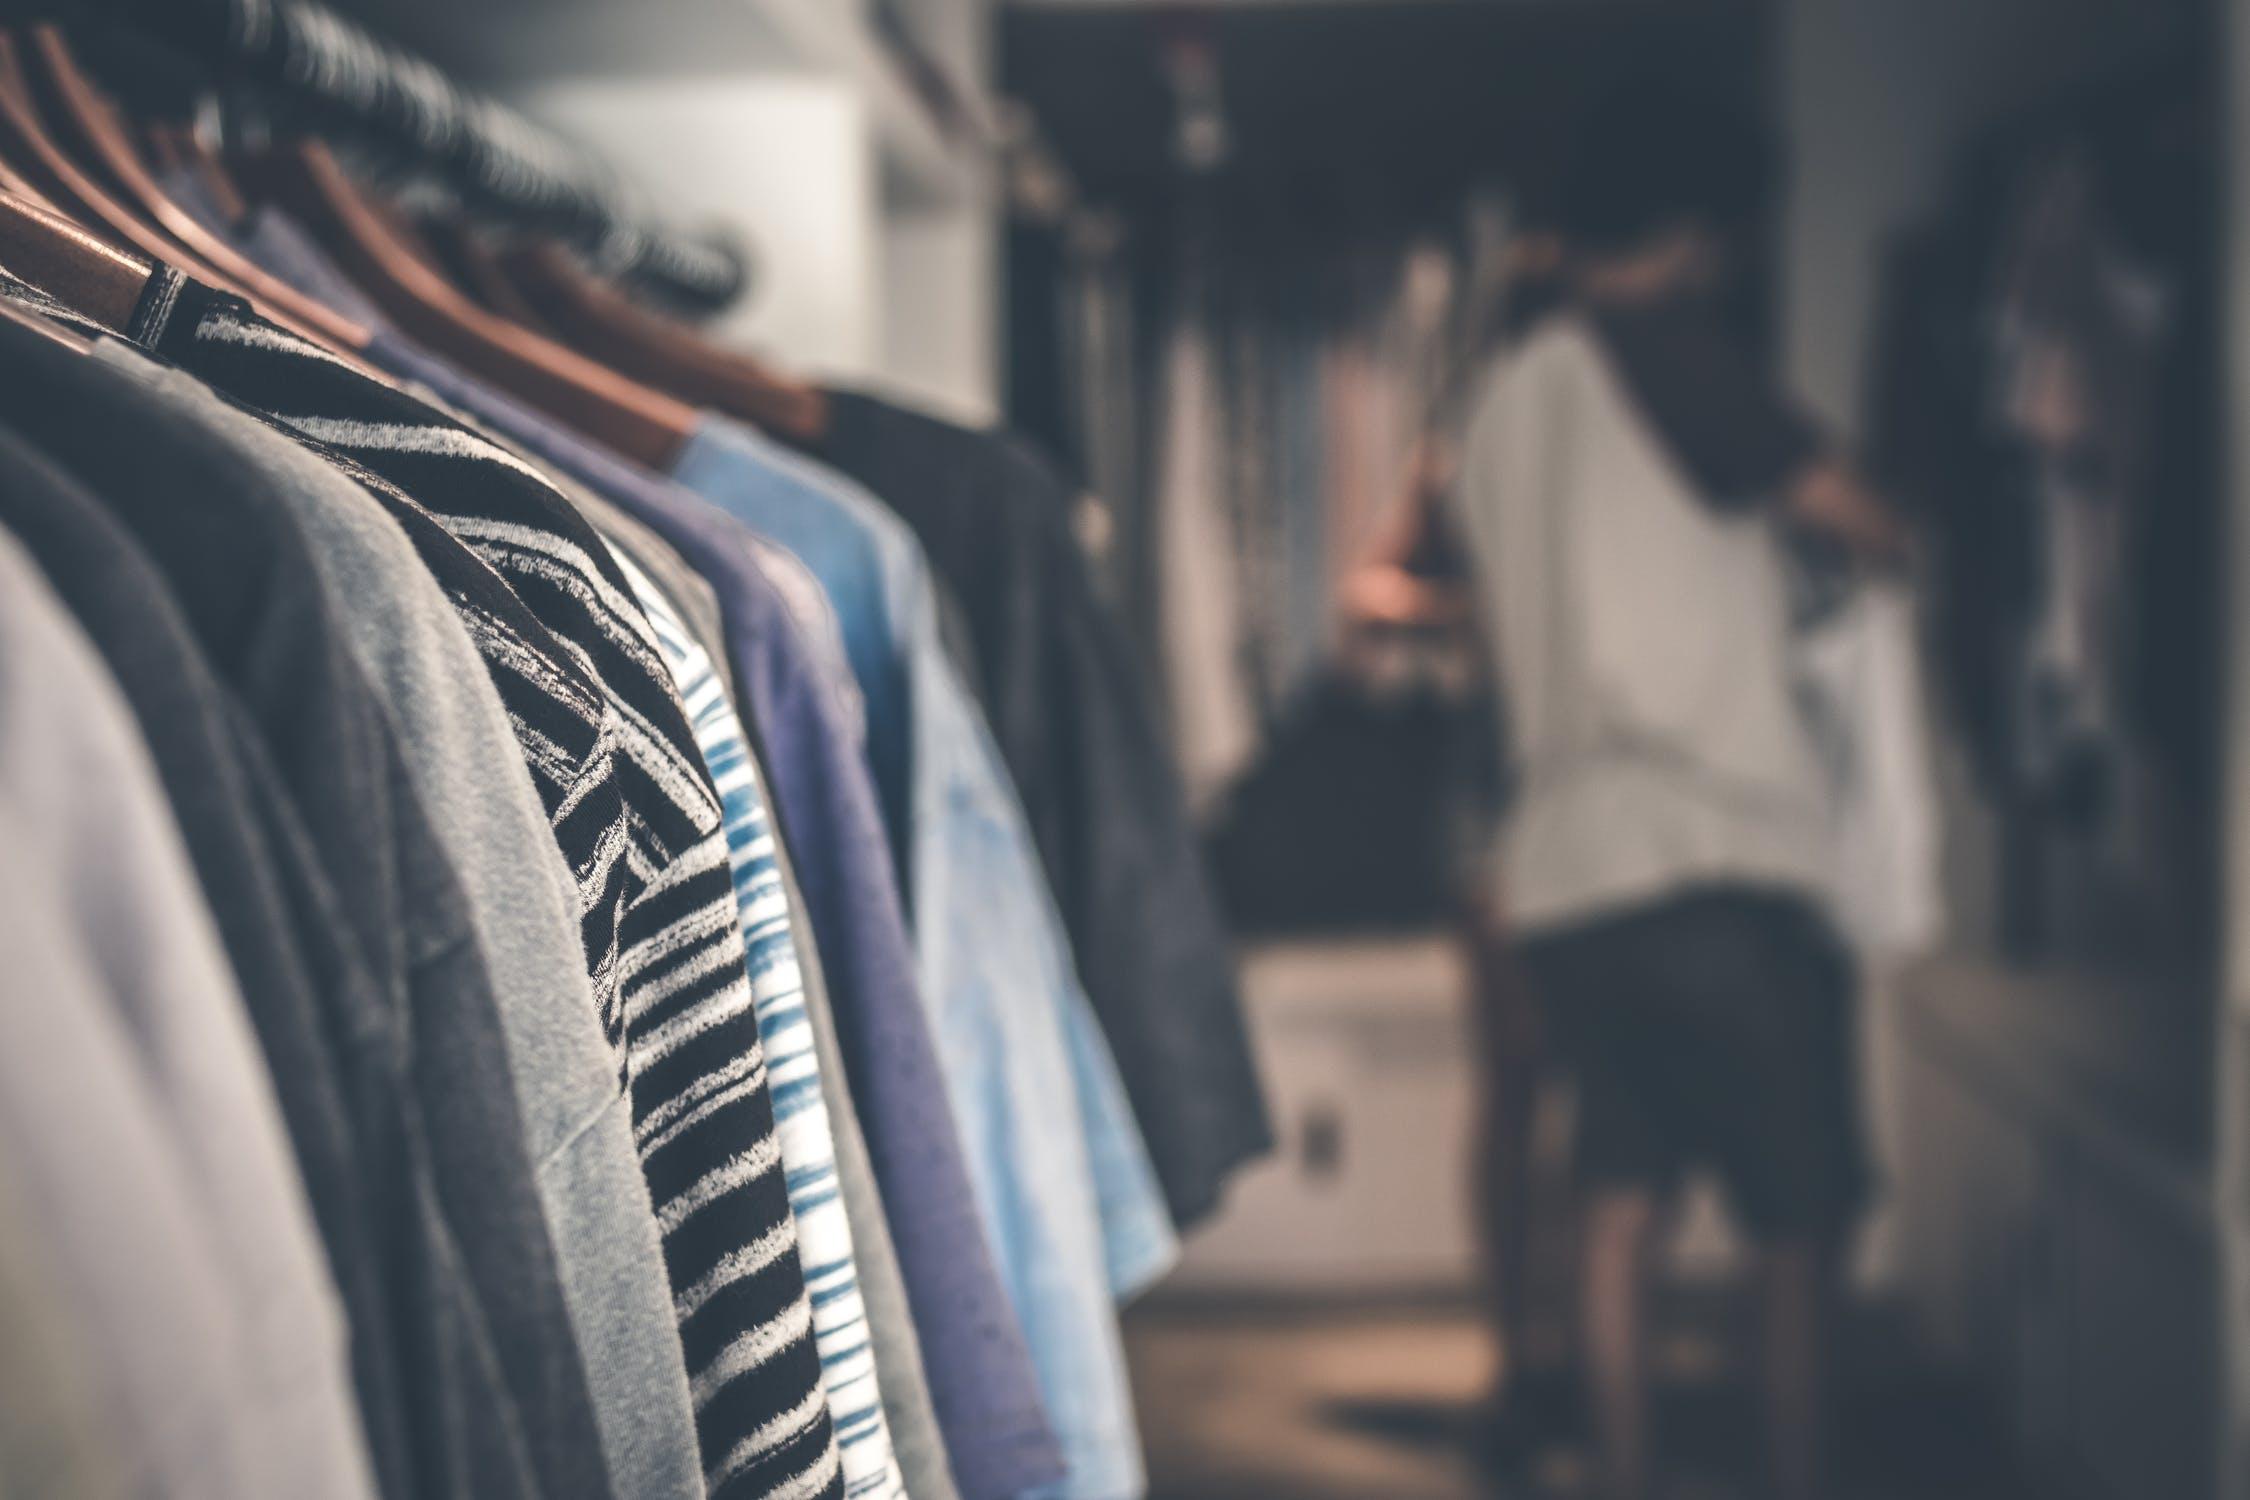 Потребитель может выиграть, если предприятия торговли начнут повышать производительность труда